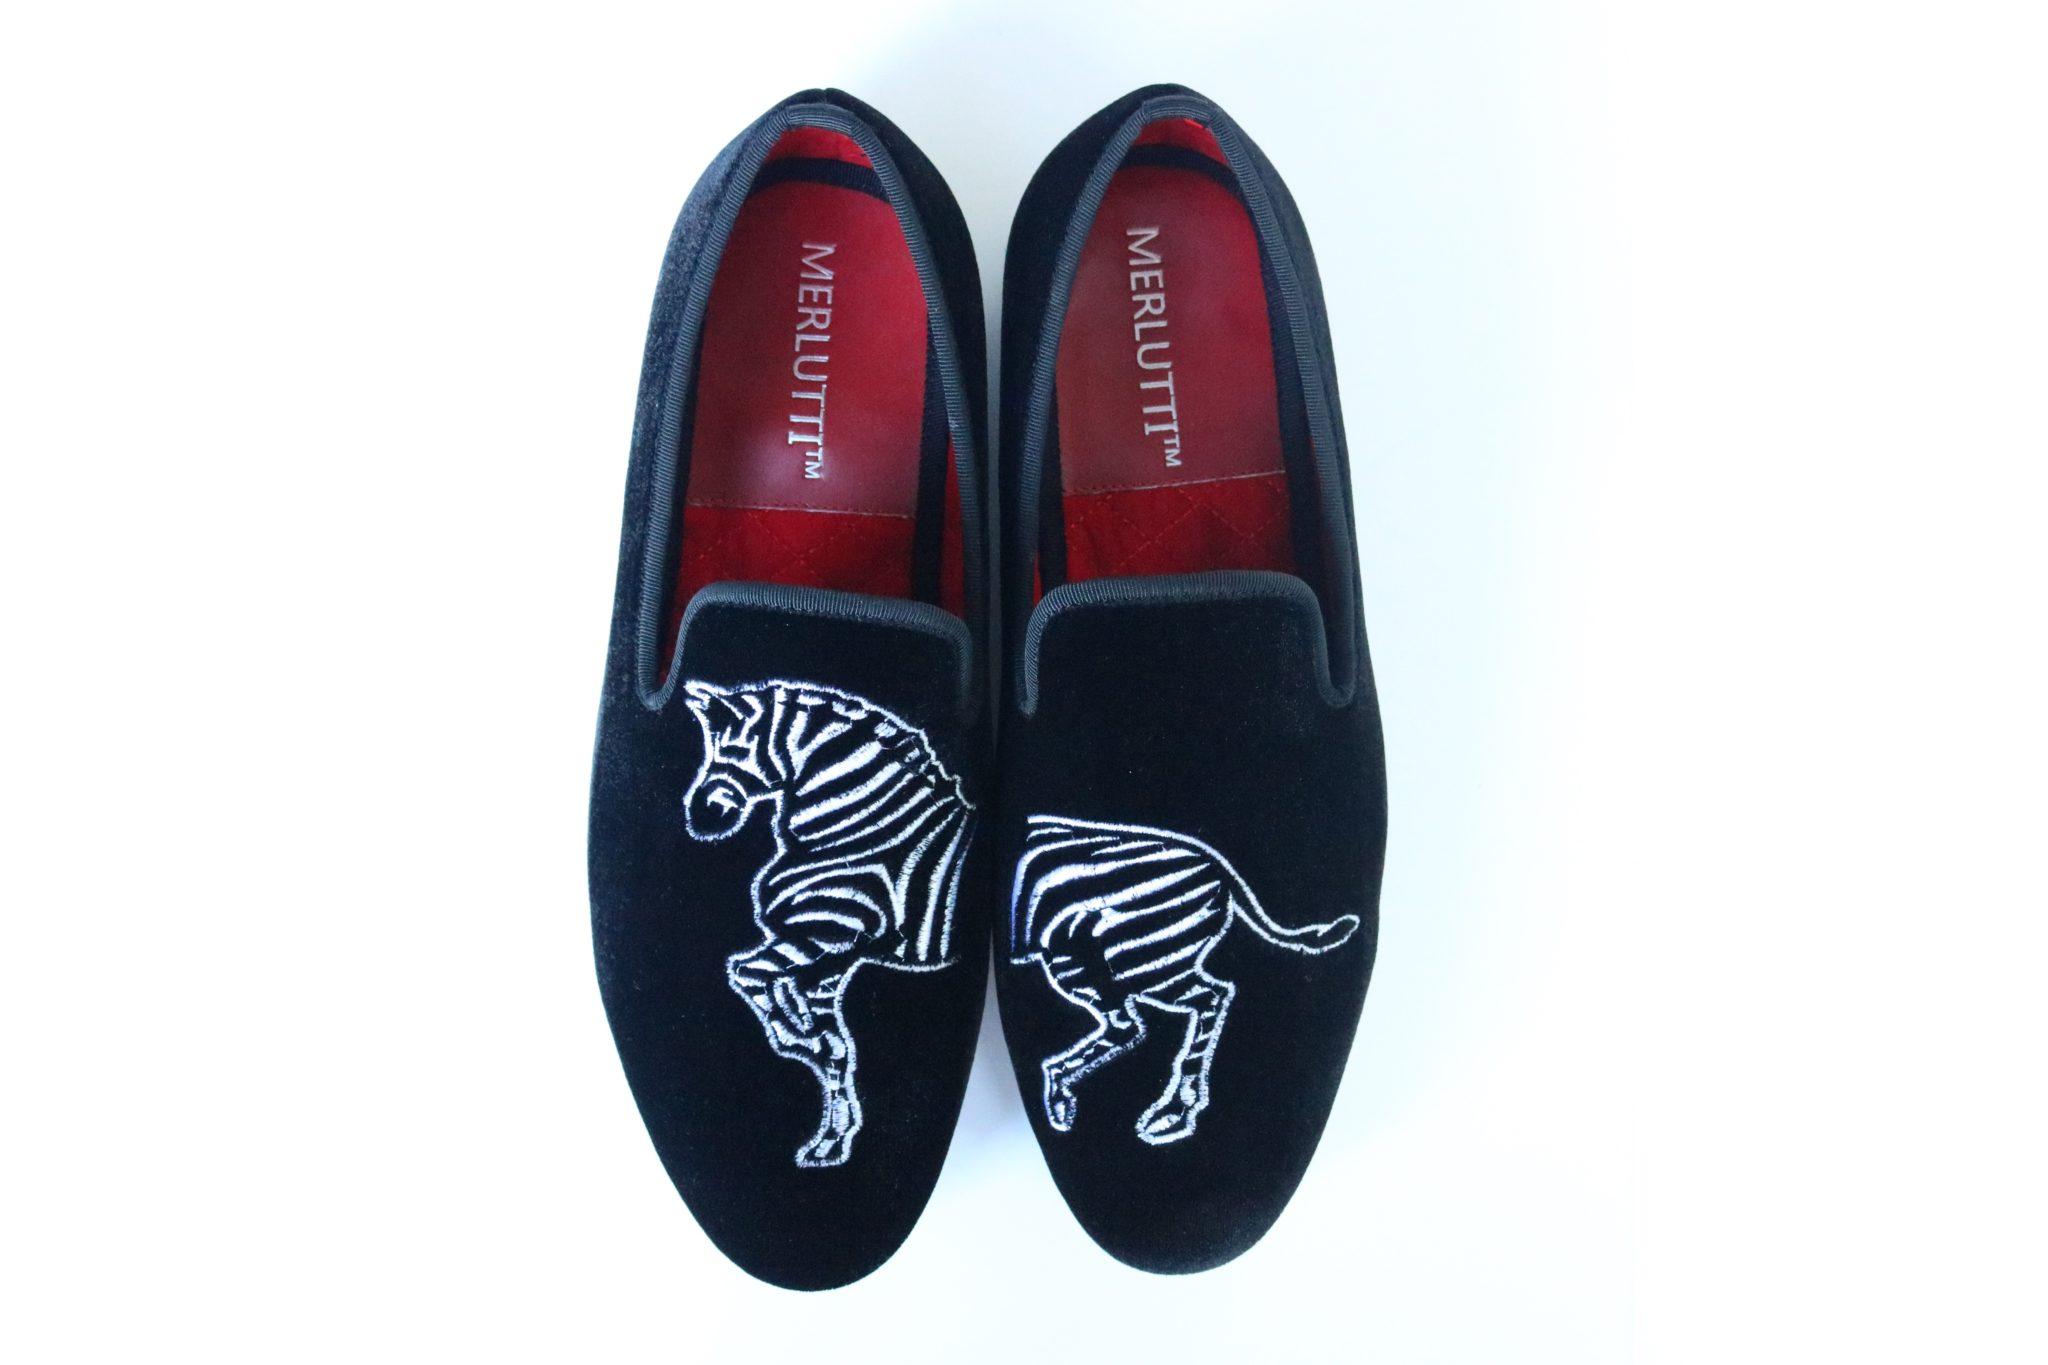 e4728269c60 Handmade Black Velvet Loafers Zebra Embroidered - Merlutti